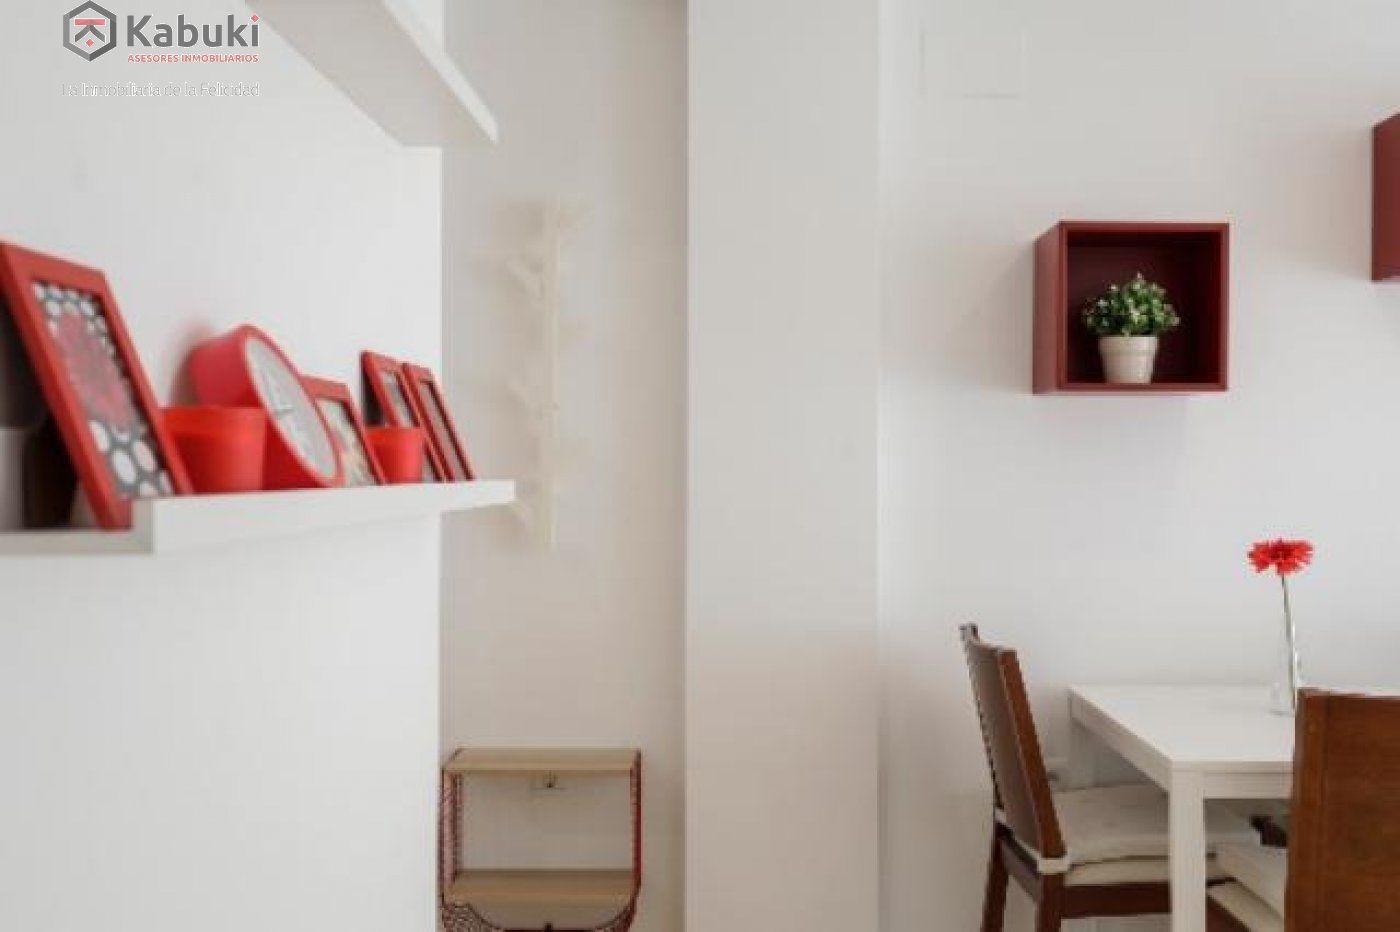 Coqueto y luminoso apartamento en un entorno privilegiado junto a los cahorros - imagenInmueble3